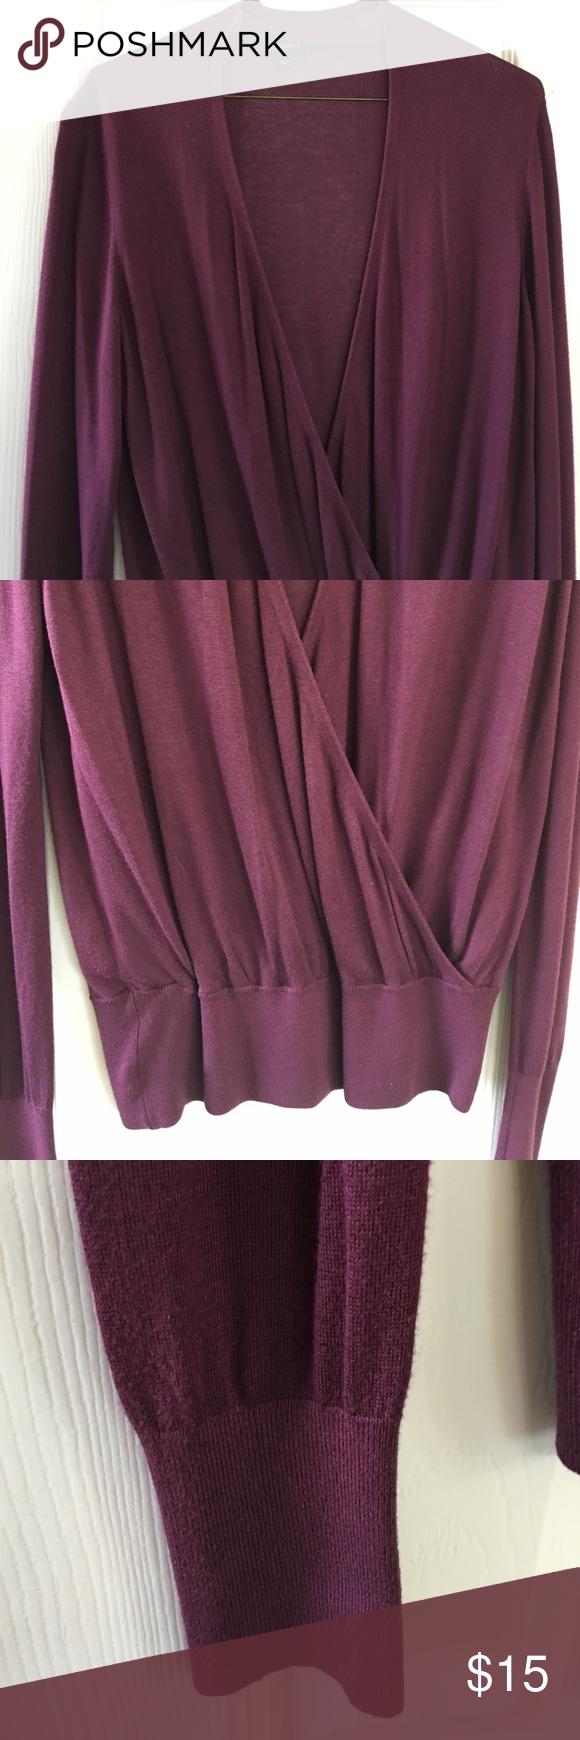 Deep purple drape front sweater Great shape! Ann Taylor Sweaters ...